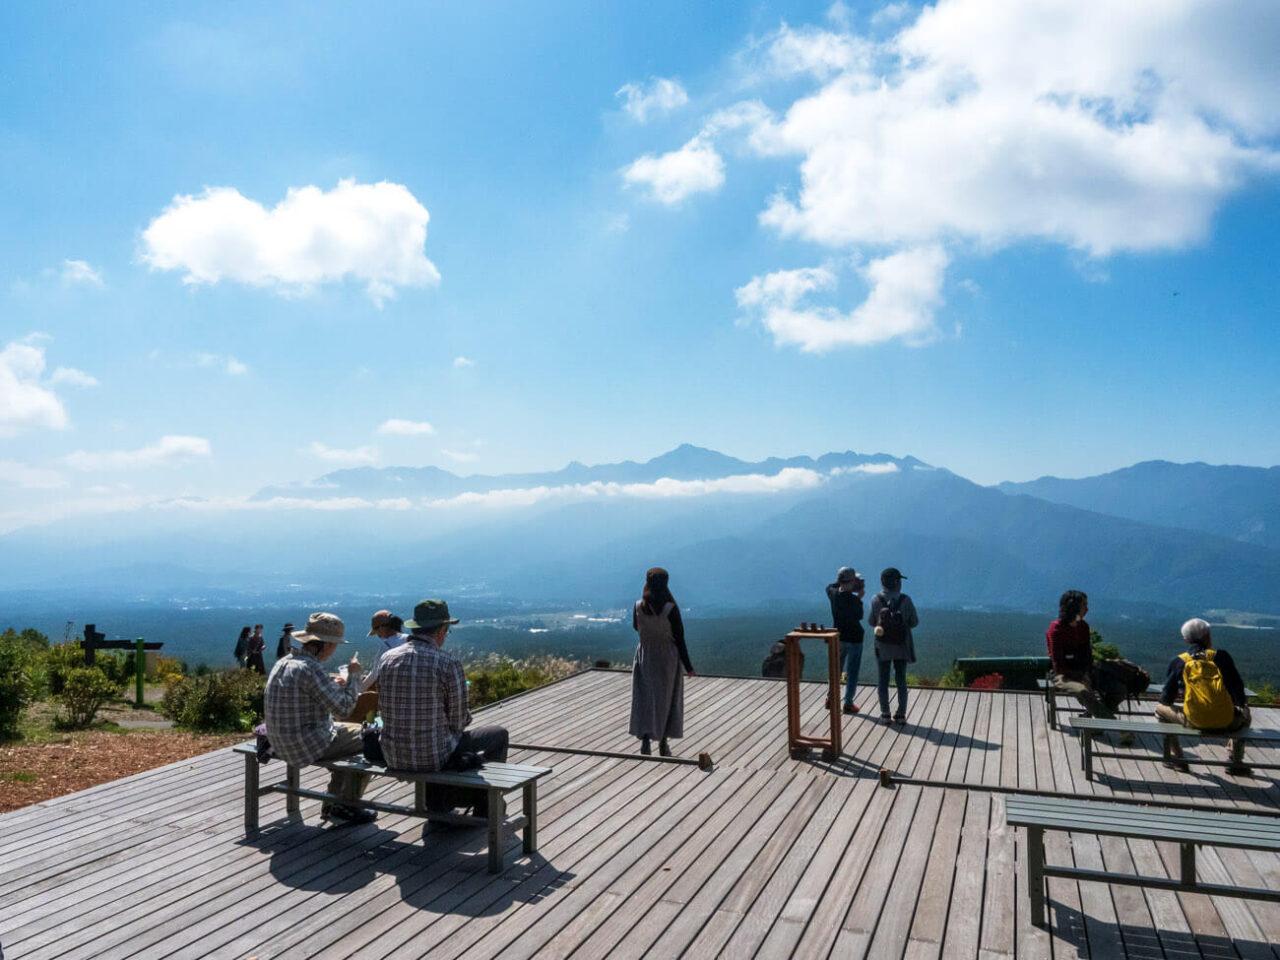 富士見パノラマリゾート・富士見高原リゾート